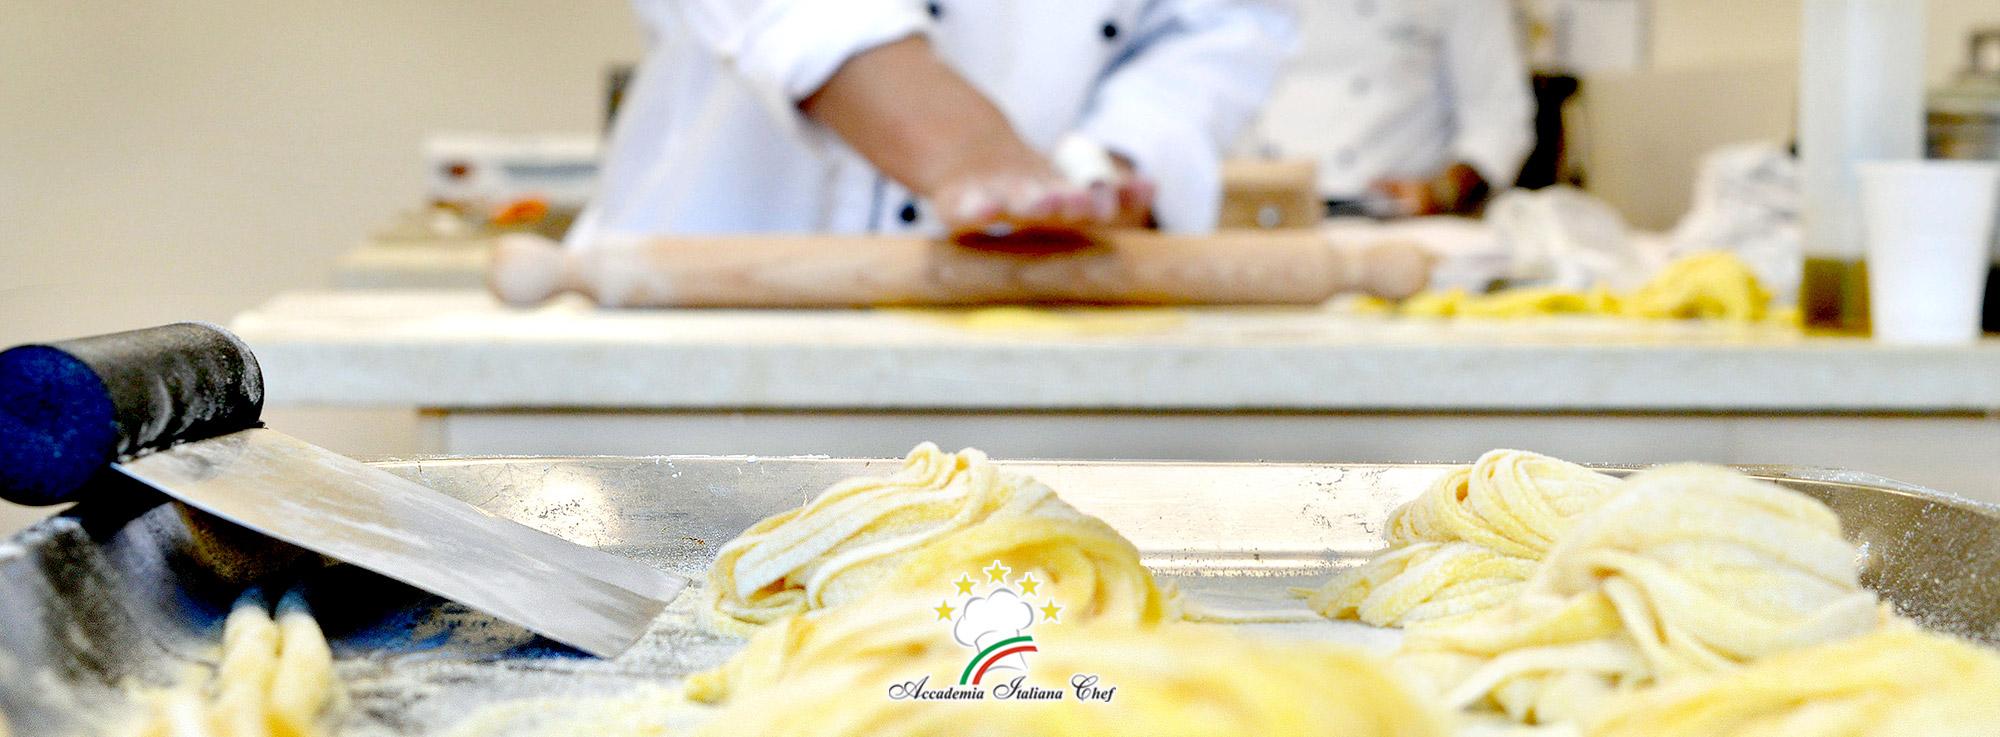 Accademia Italiana Chef Lecce Lecce